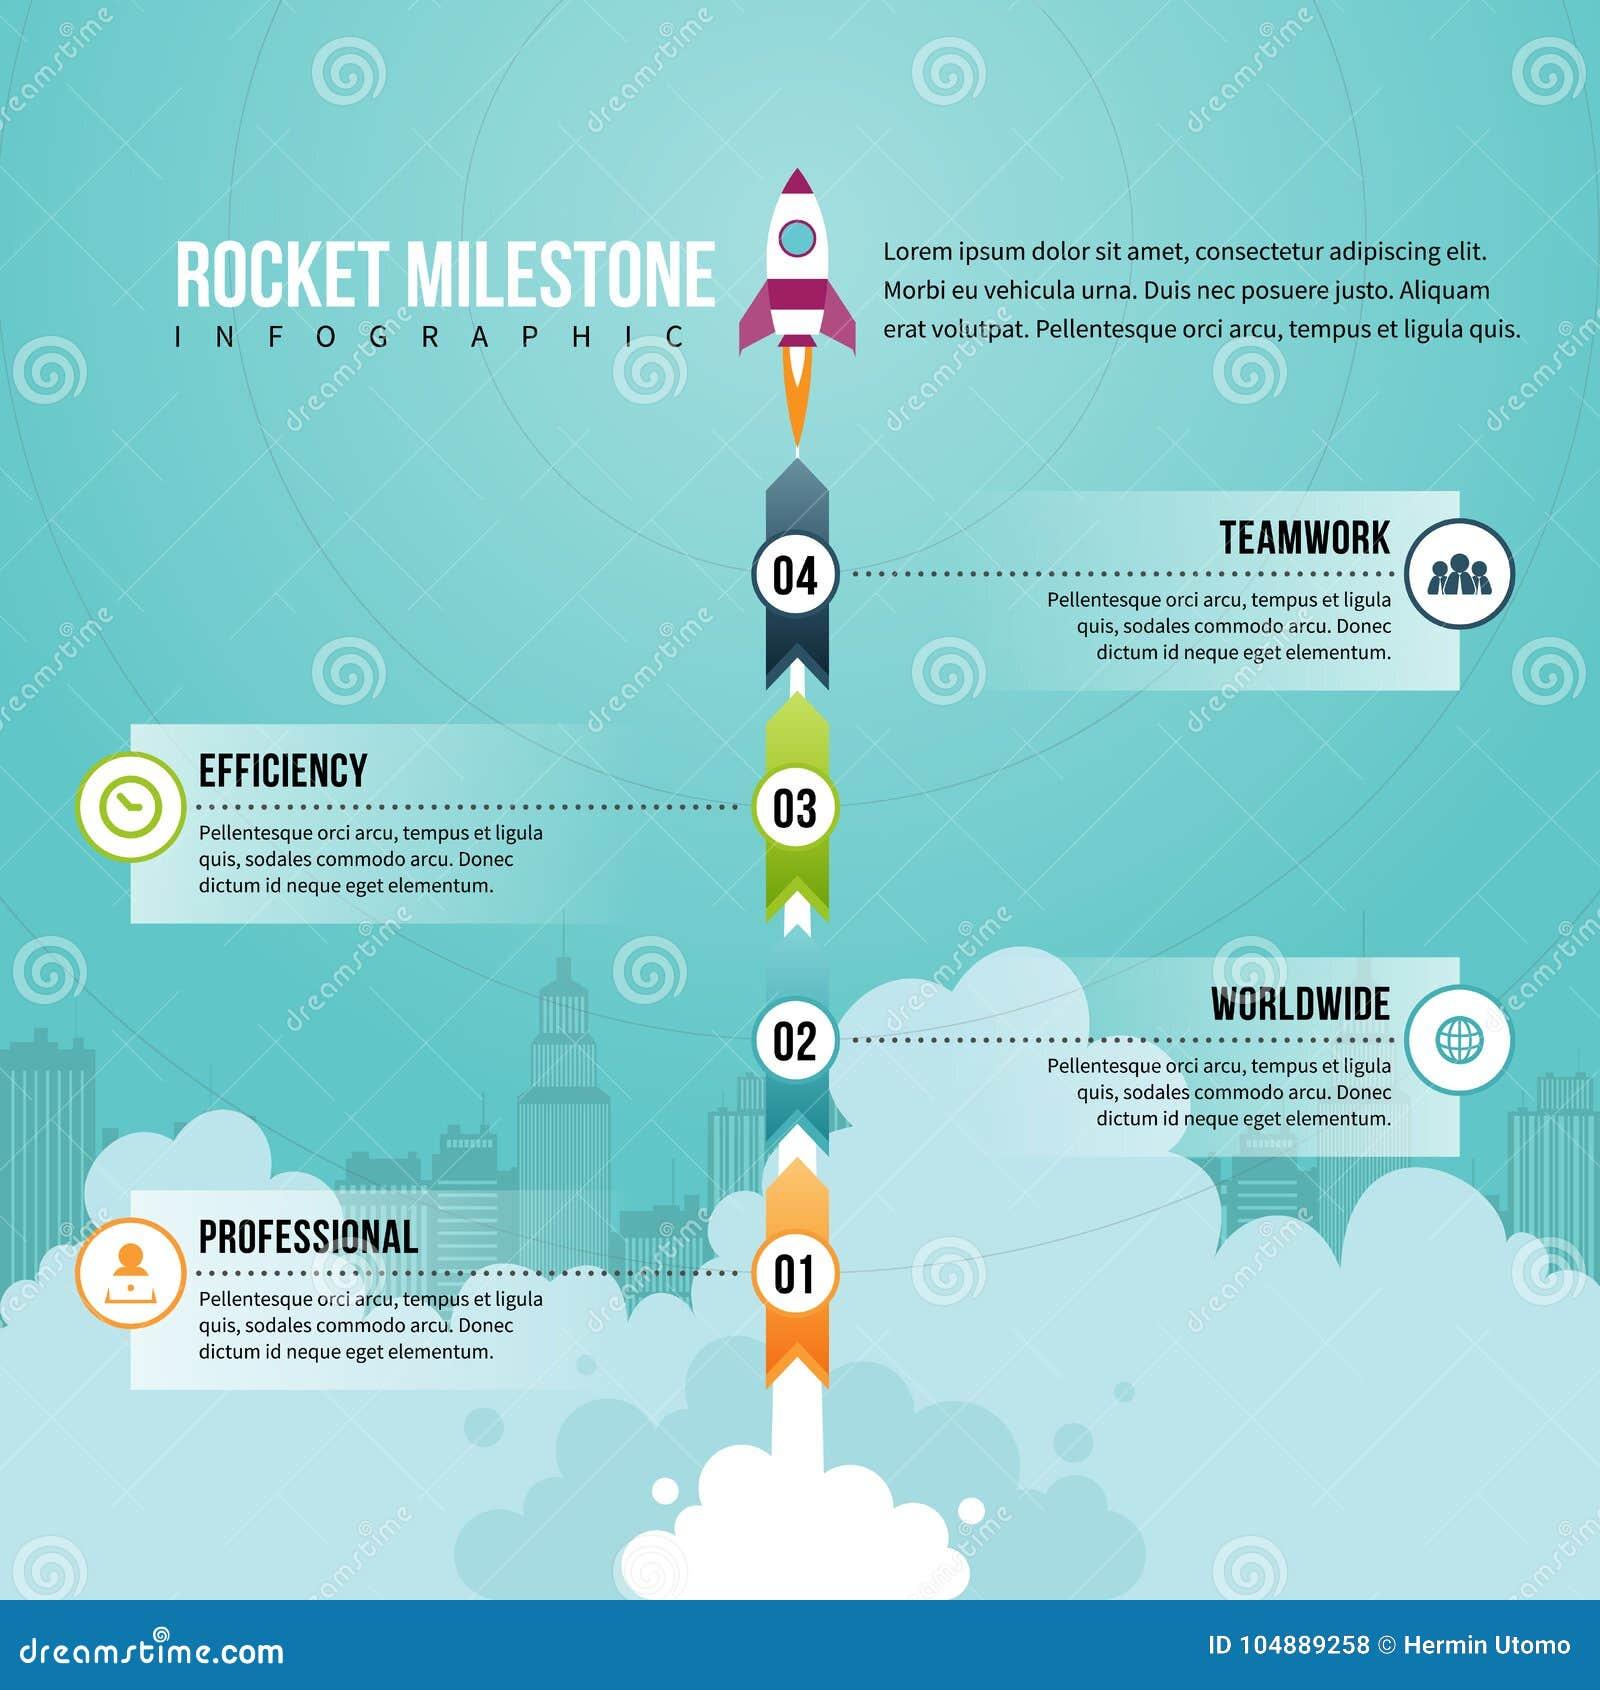 Rocket Milestone Infographic